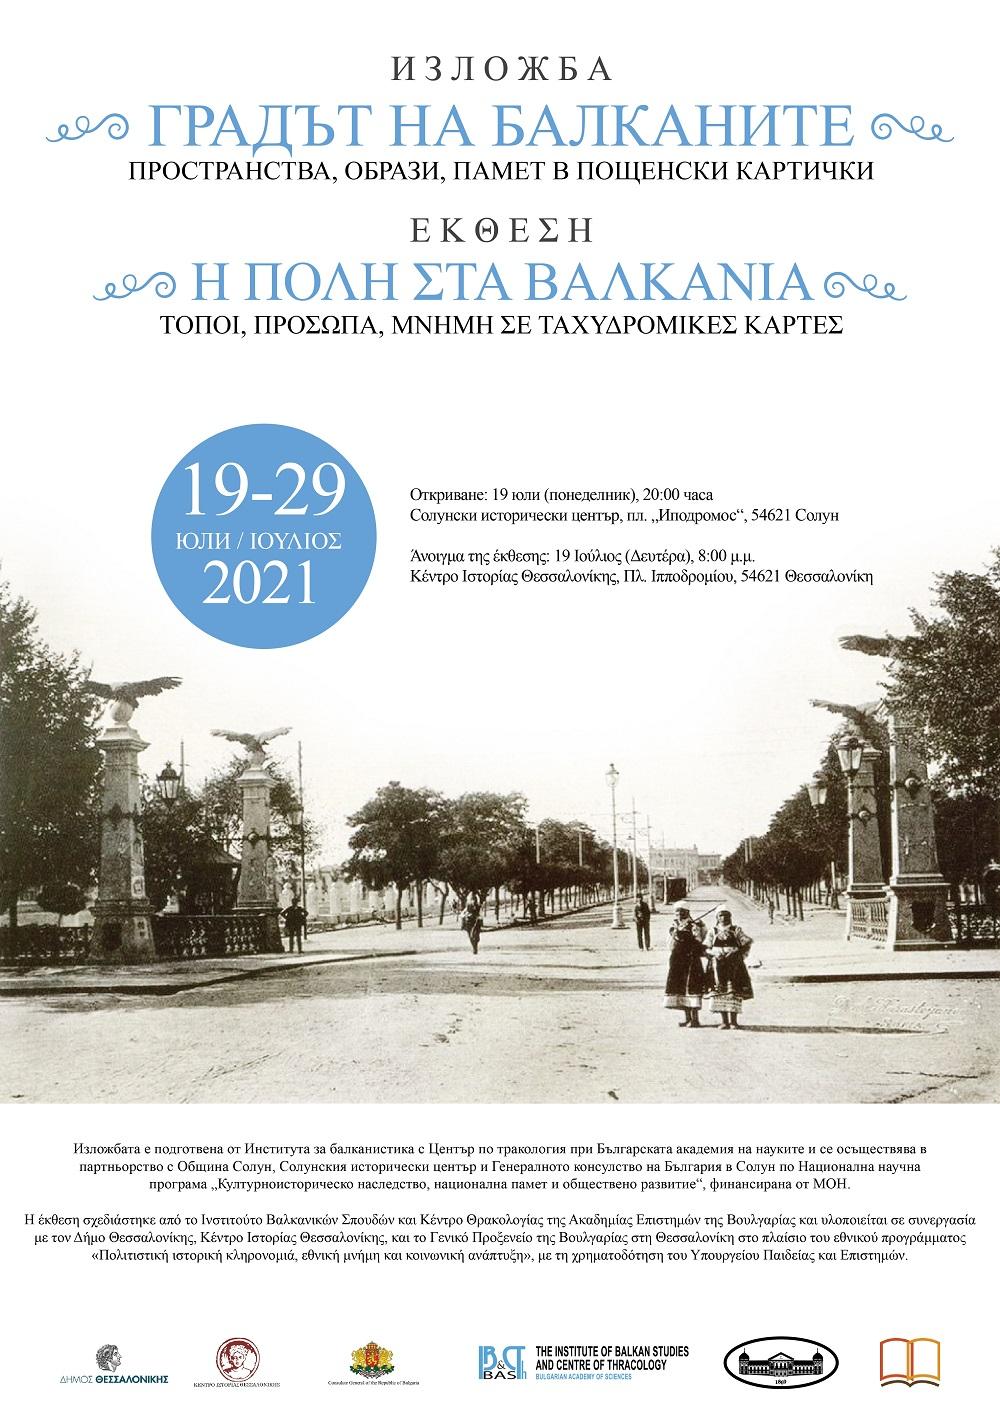 «Η Πόλη στα Βαλκάνια – Τόποι, Πρόσωπα, Μνήμη σε ταχυδρομικές κάρτες»